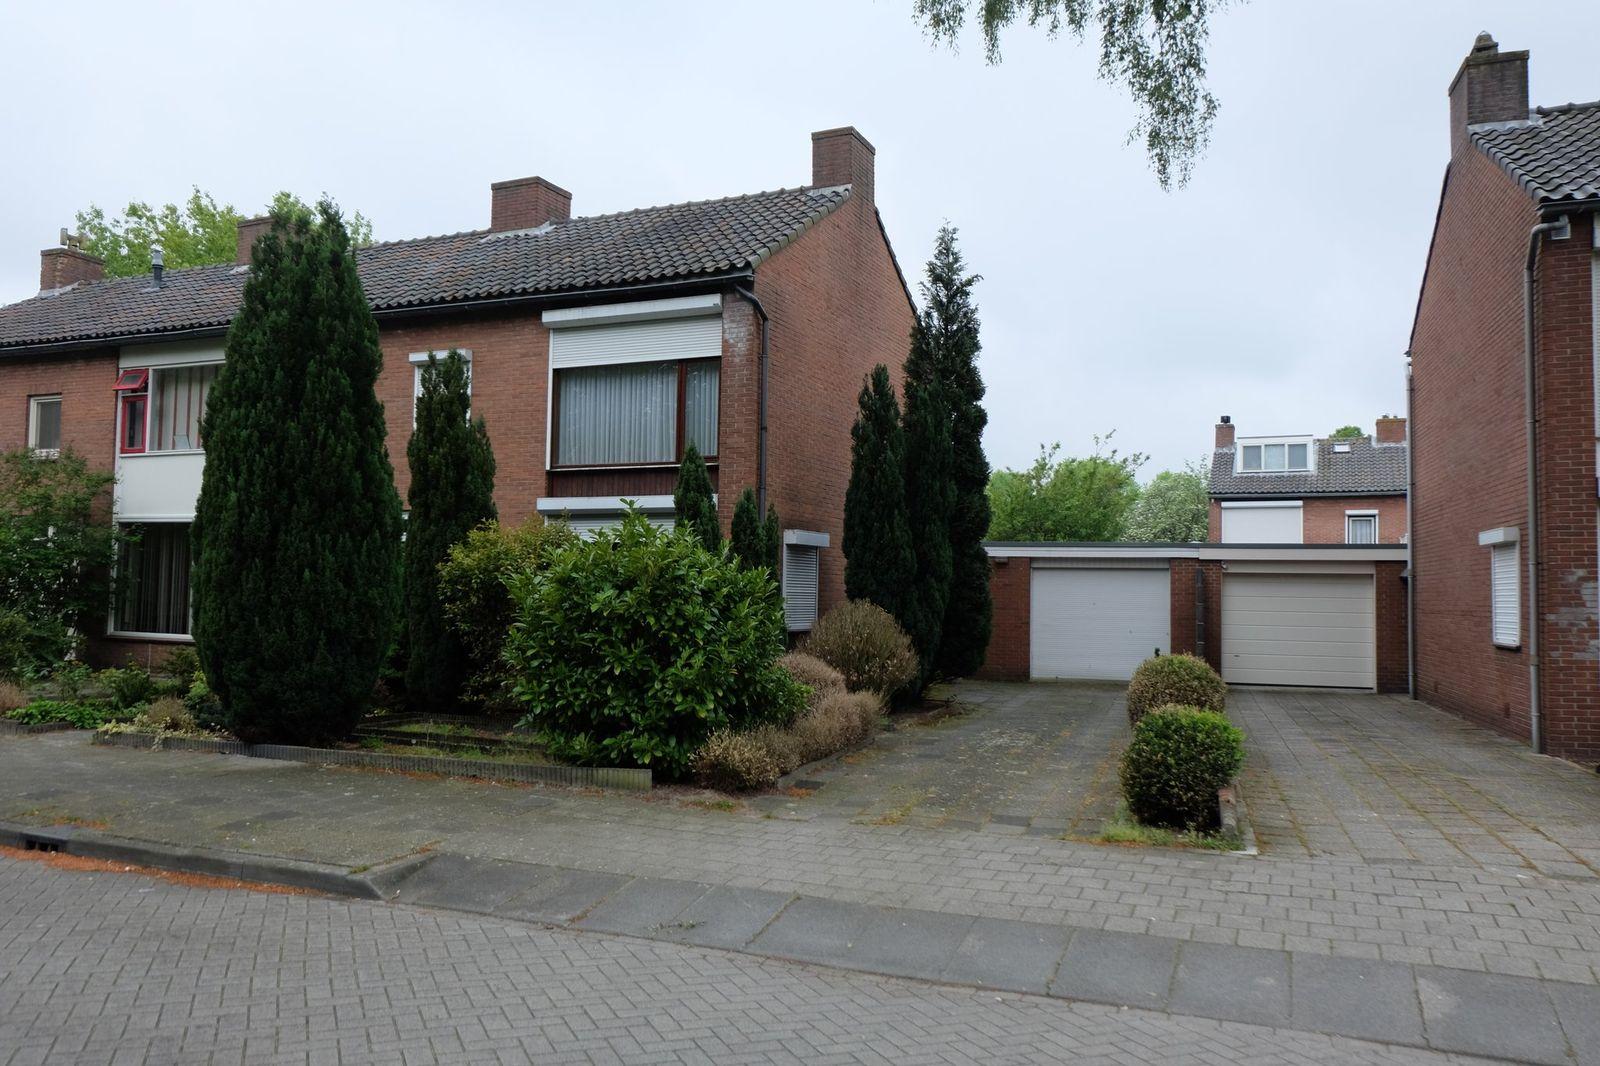 Bachlaan 12, Roosendaal